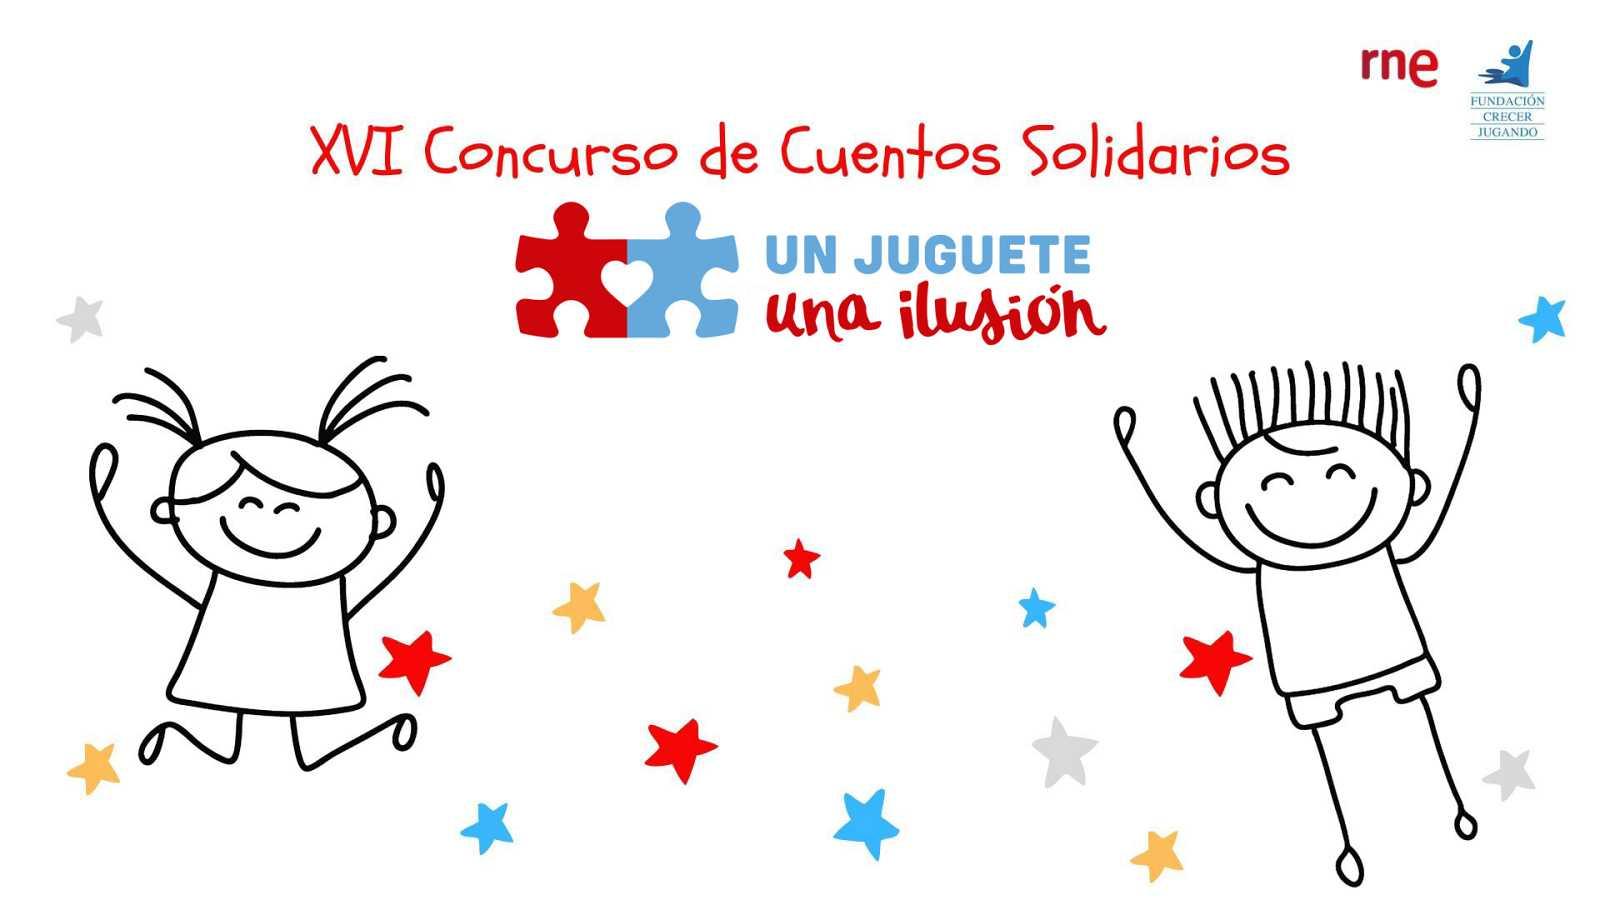 XVI Concurso de Cuentos Solidarios - Los superhéroes del recreo - Colegio Sagrada Familia - 1º Primaria (El Entrego, Asturias) - Escuchar ahora